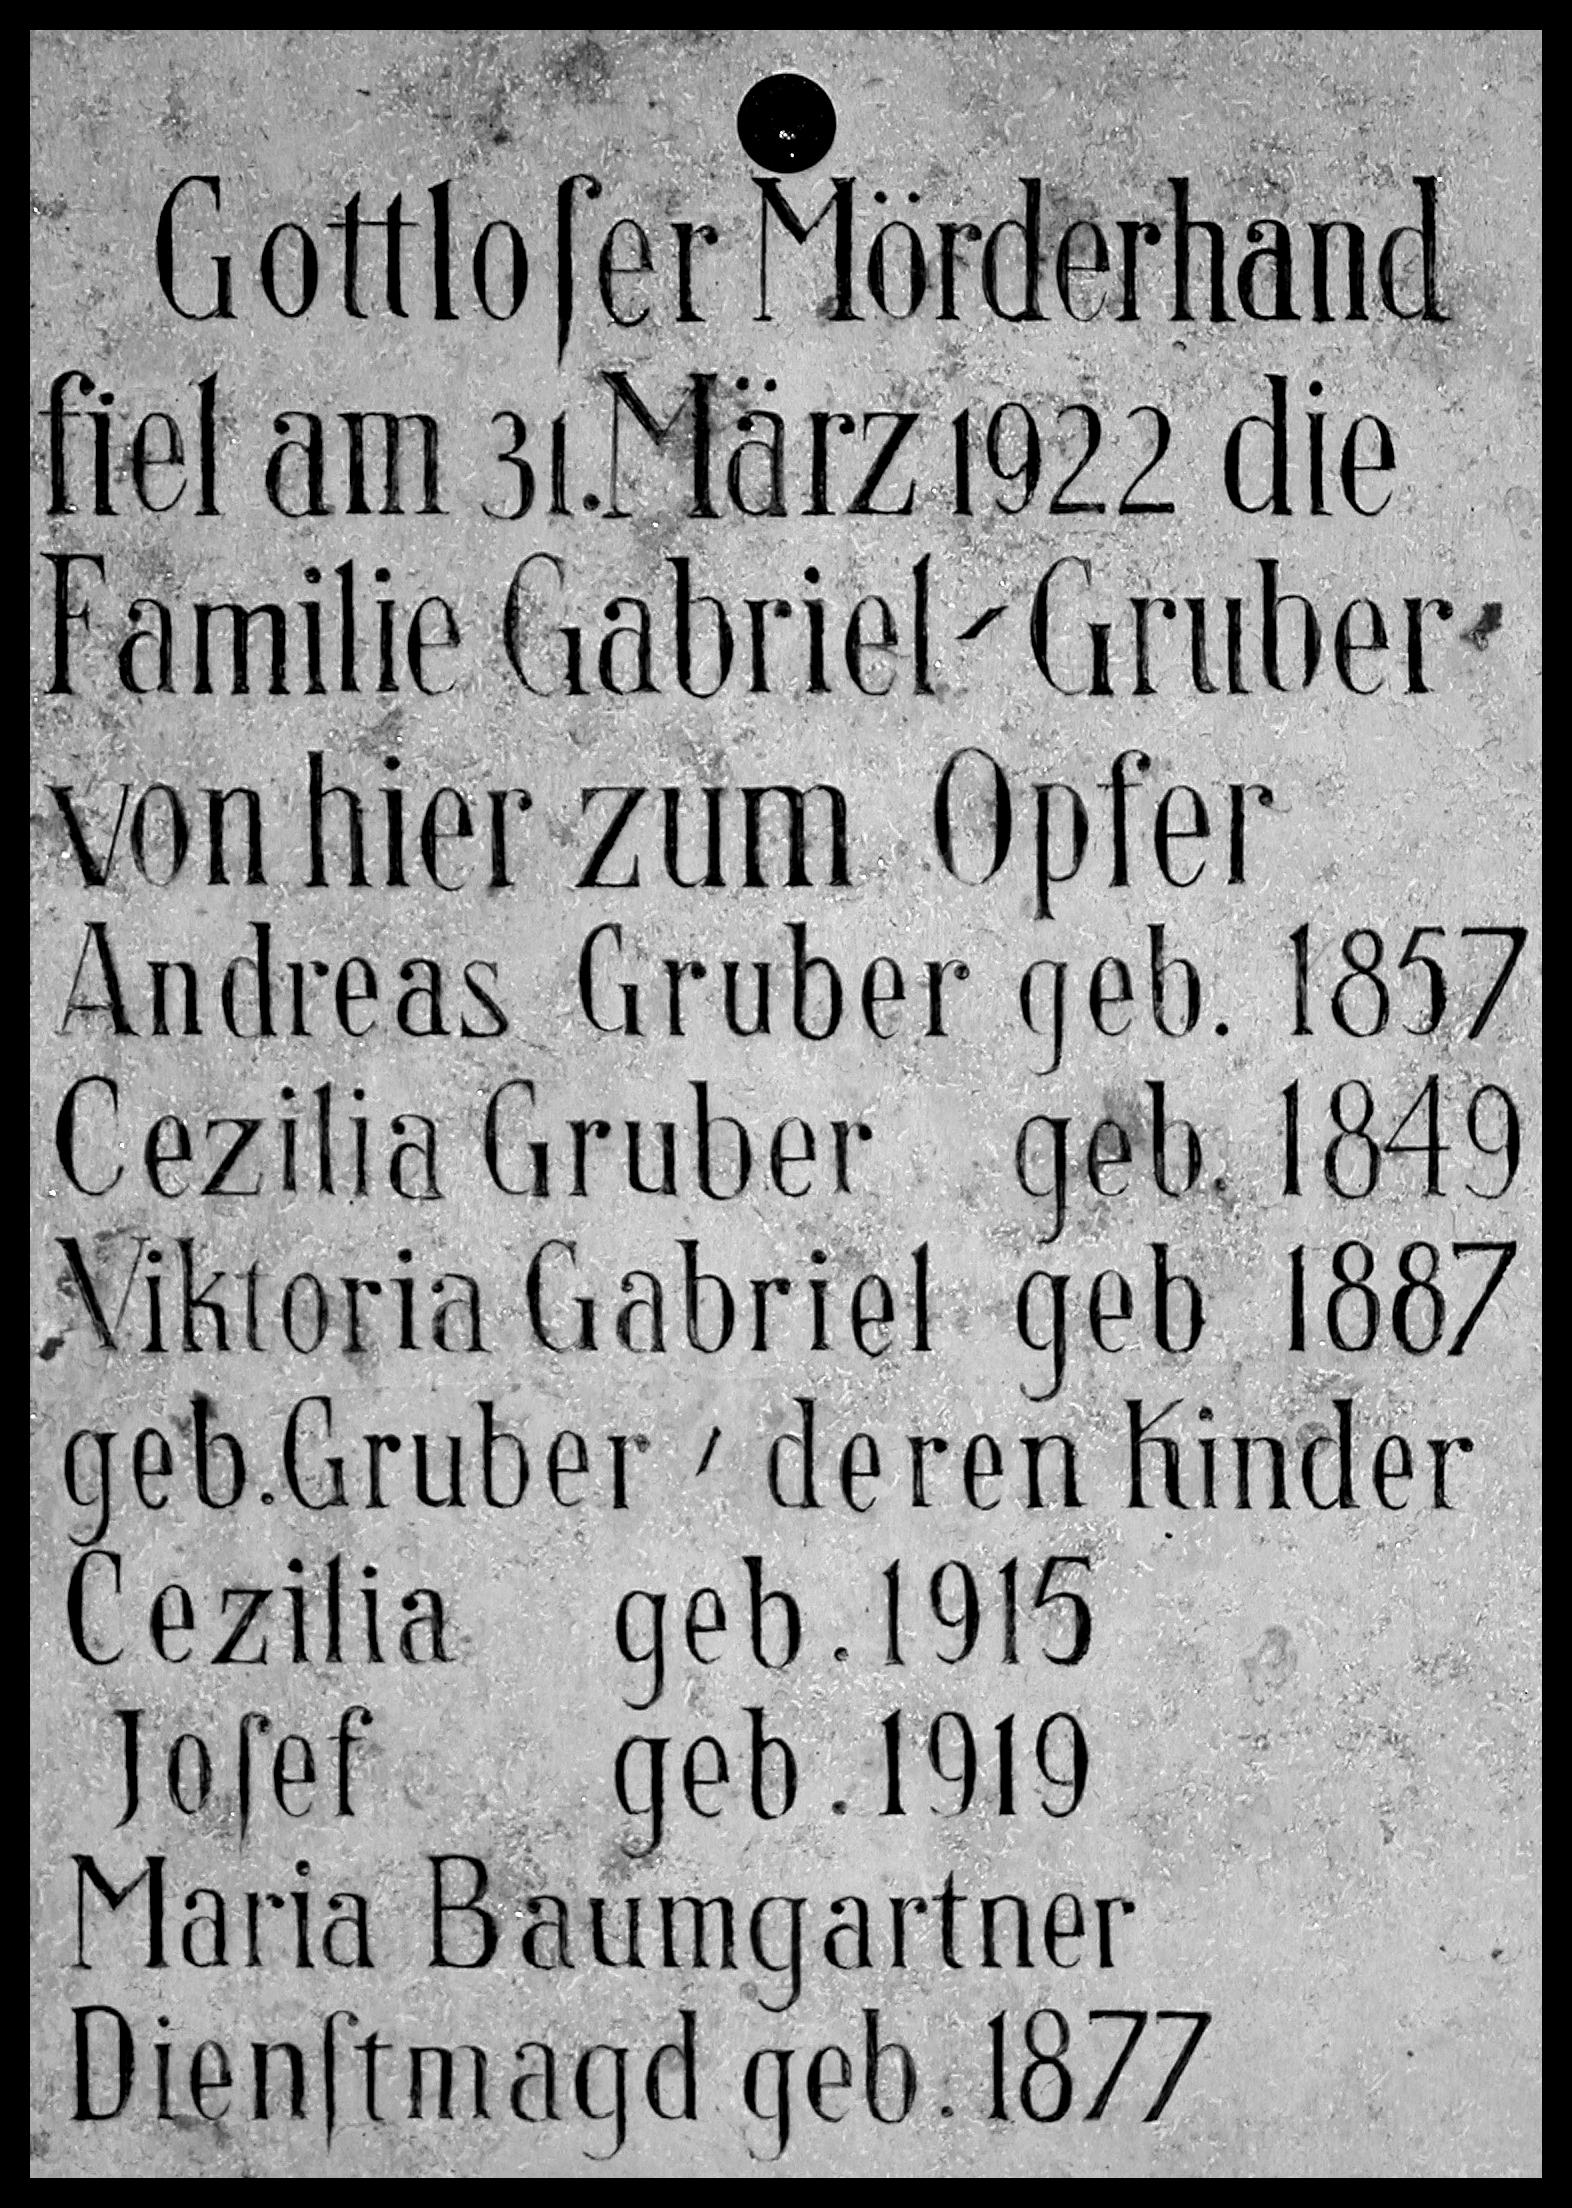 事件現場の碑文 Ⓒ Andreas Keller